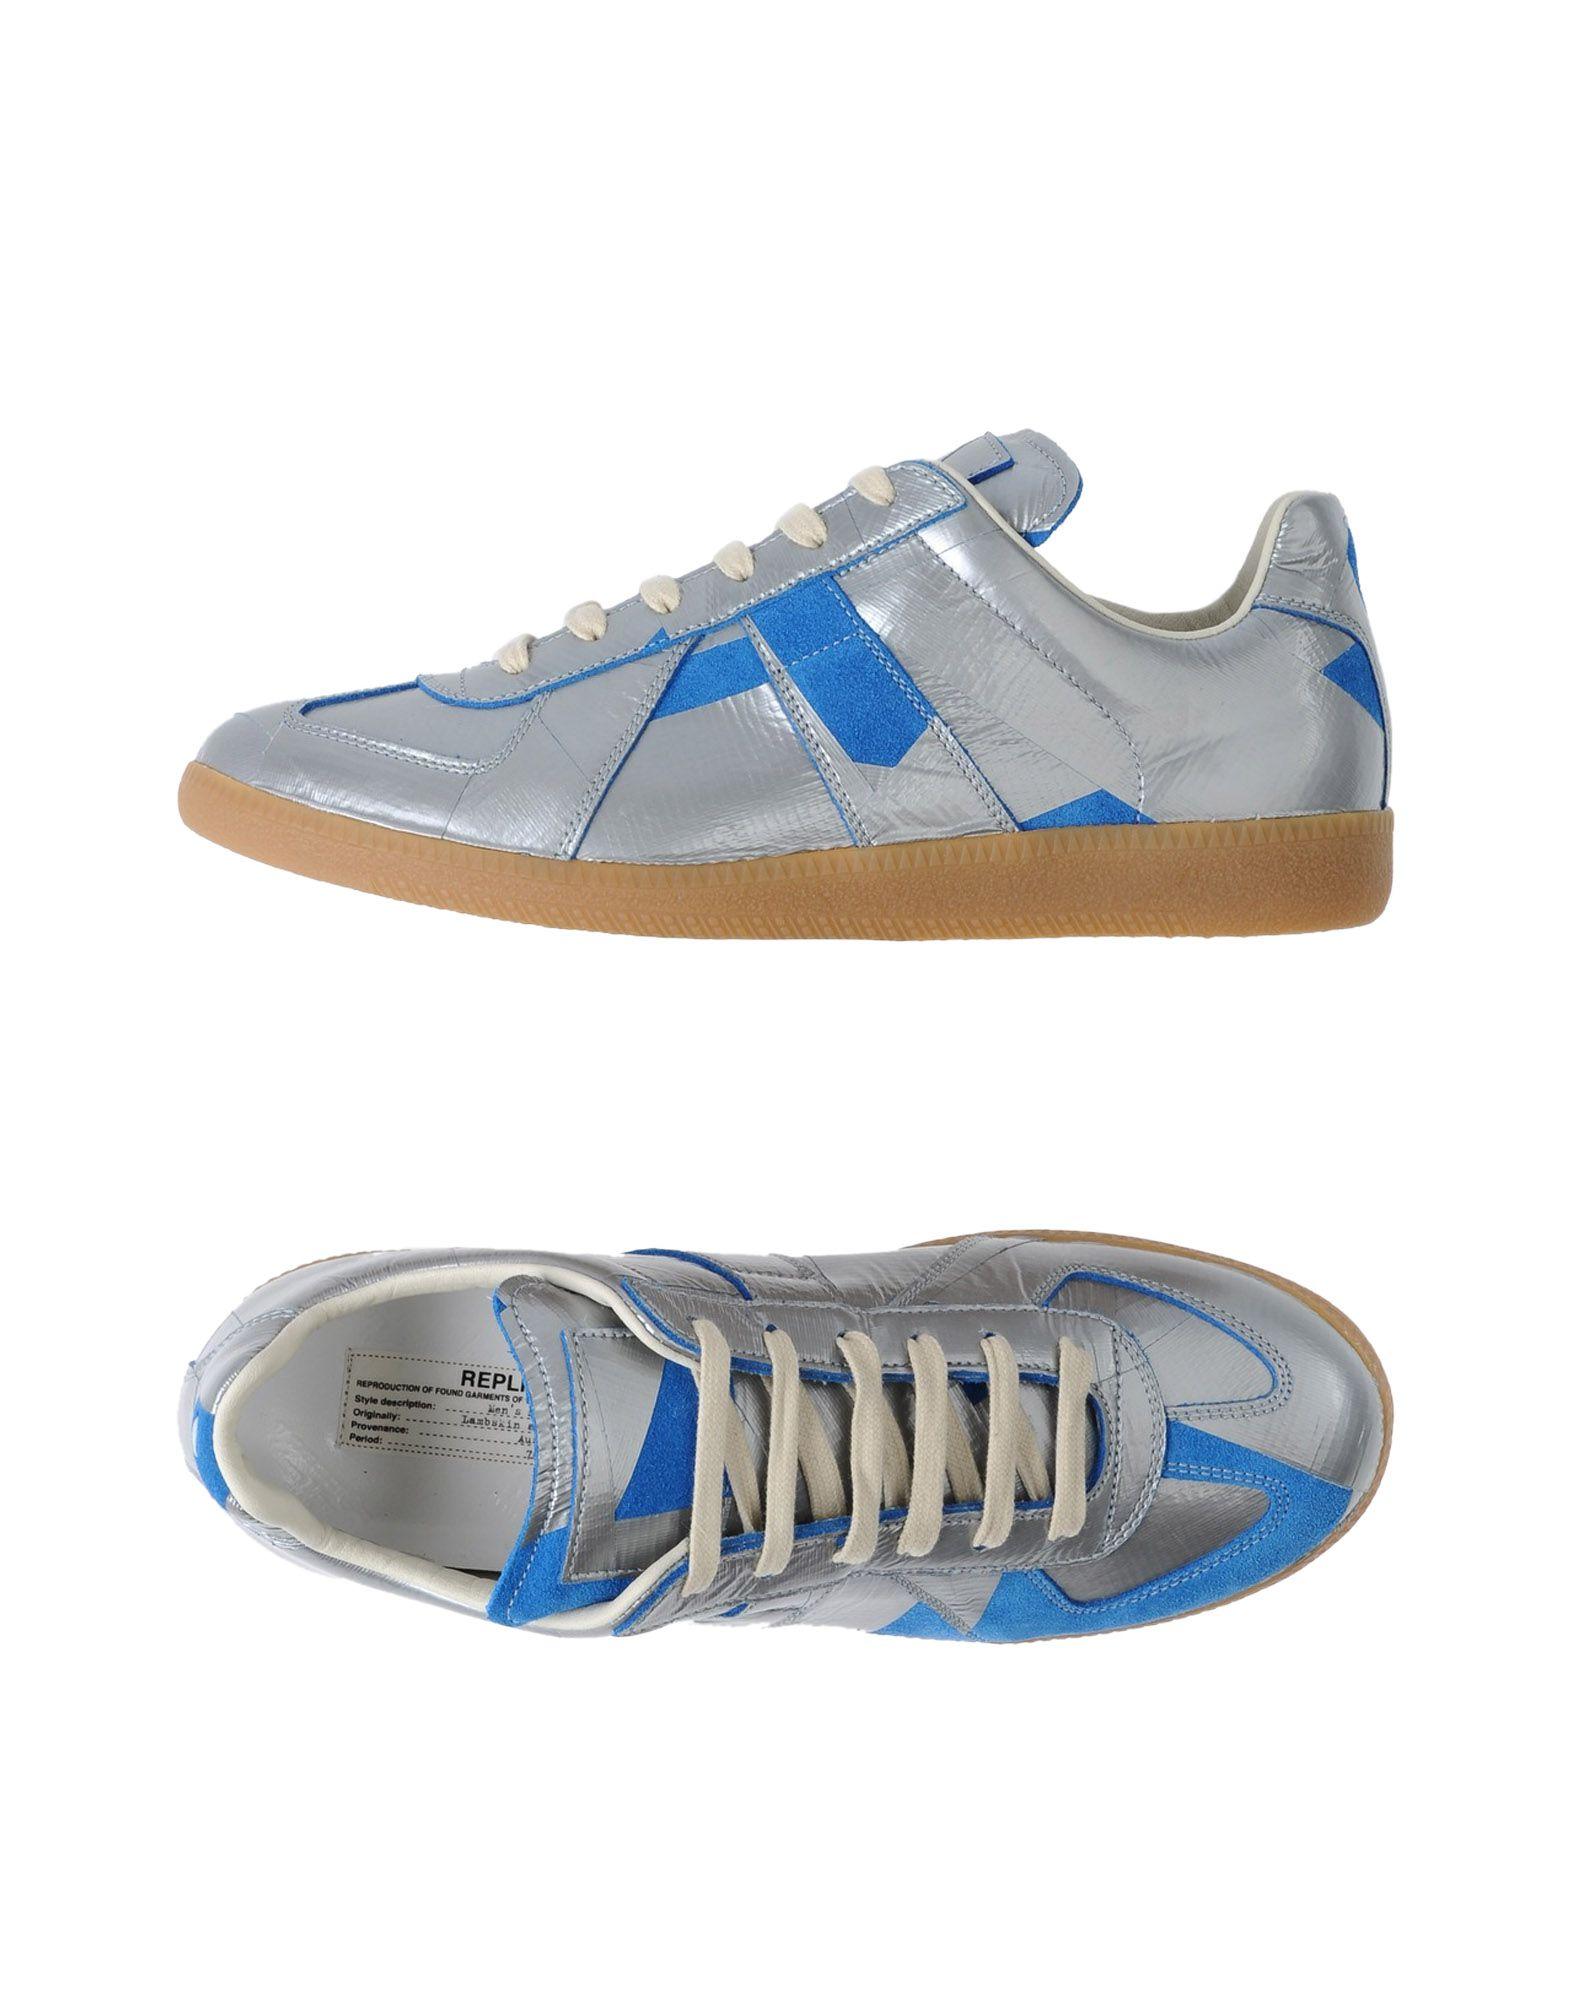 Maison Margiela Sneakers Herren  Schuhe 11432662KC Gute Qualität beliebte Schuhe  8c6728